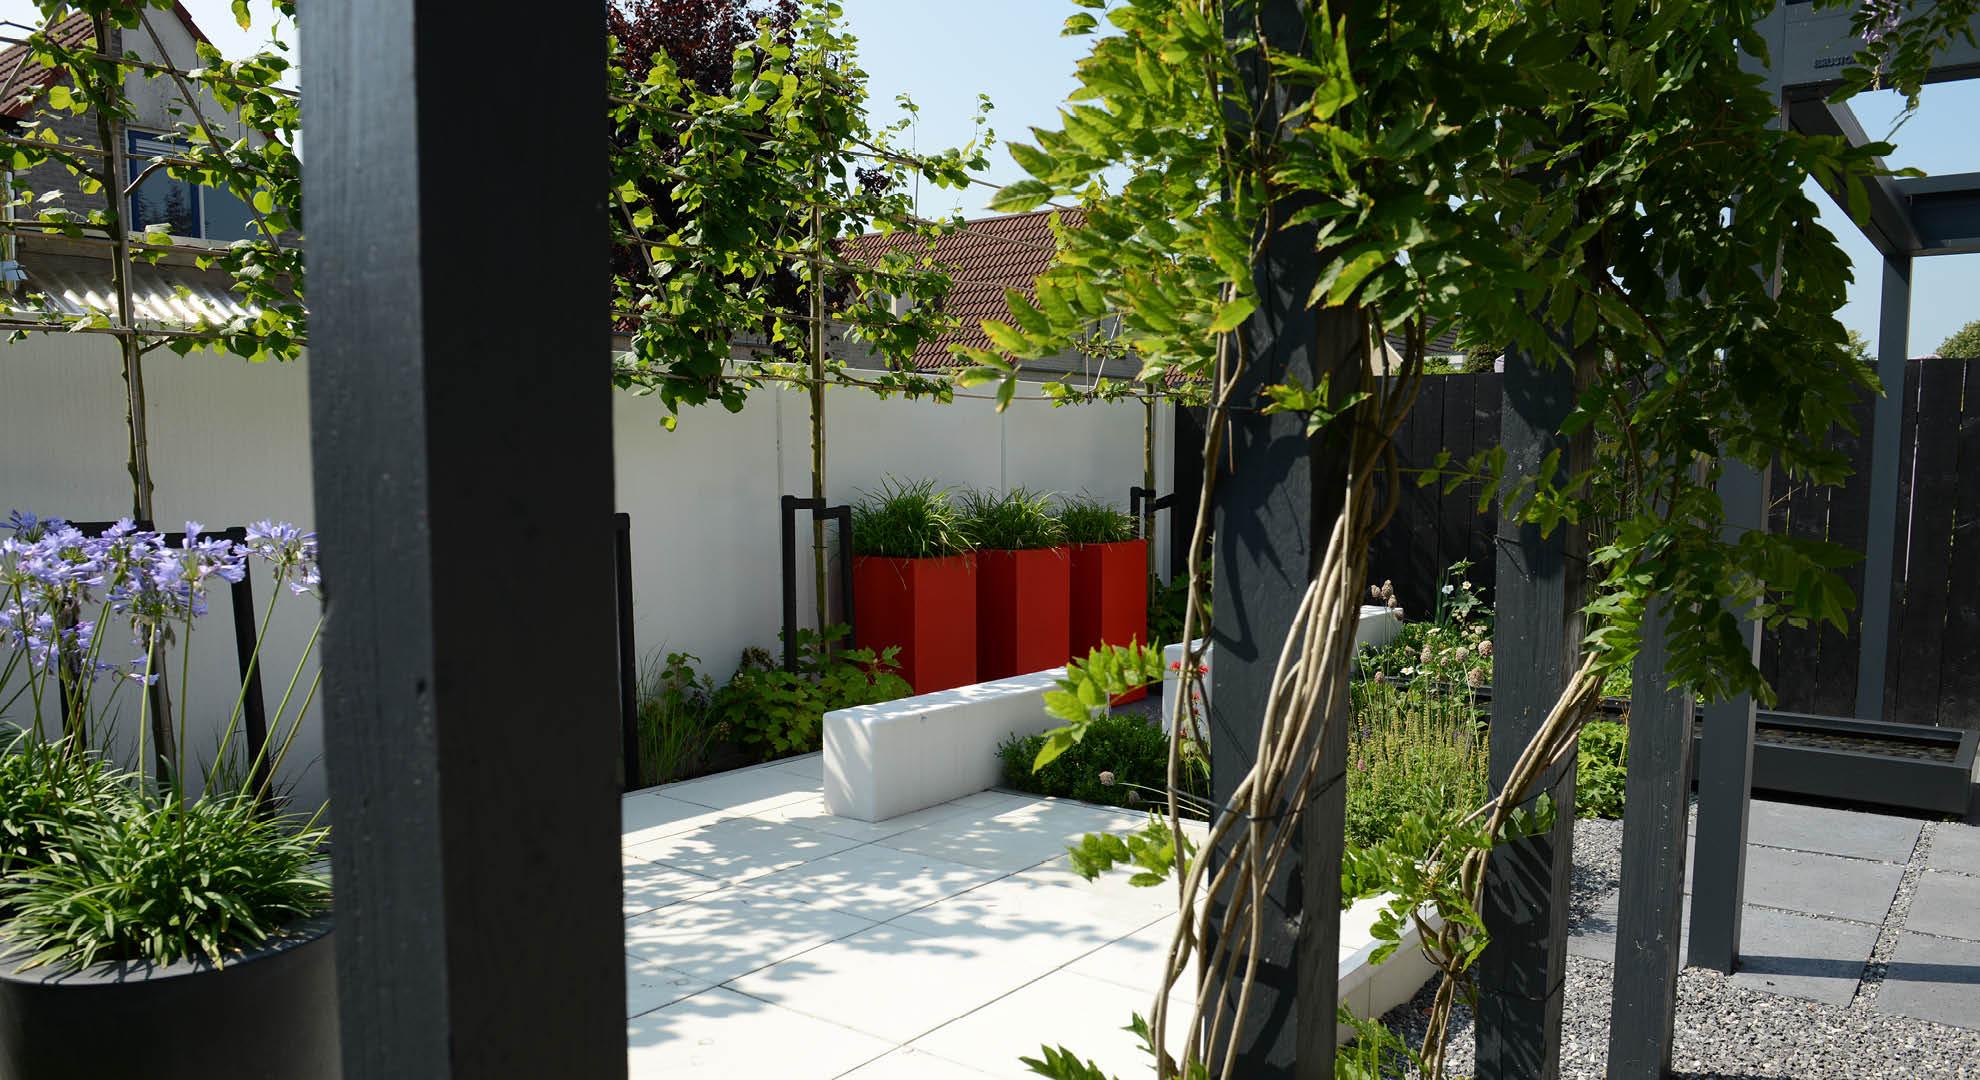 moderne kleine tuin met pergola constructie met tuinmuurtjes, platoflex wanden, spiegelvijver aangelegd door de hoveniers van Rodenburg tuinen